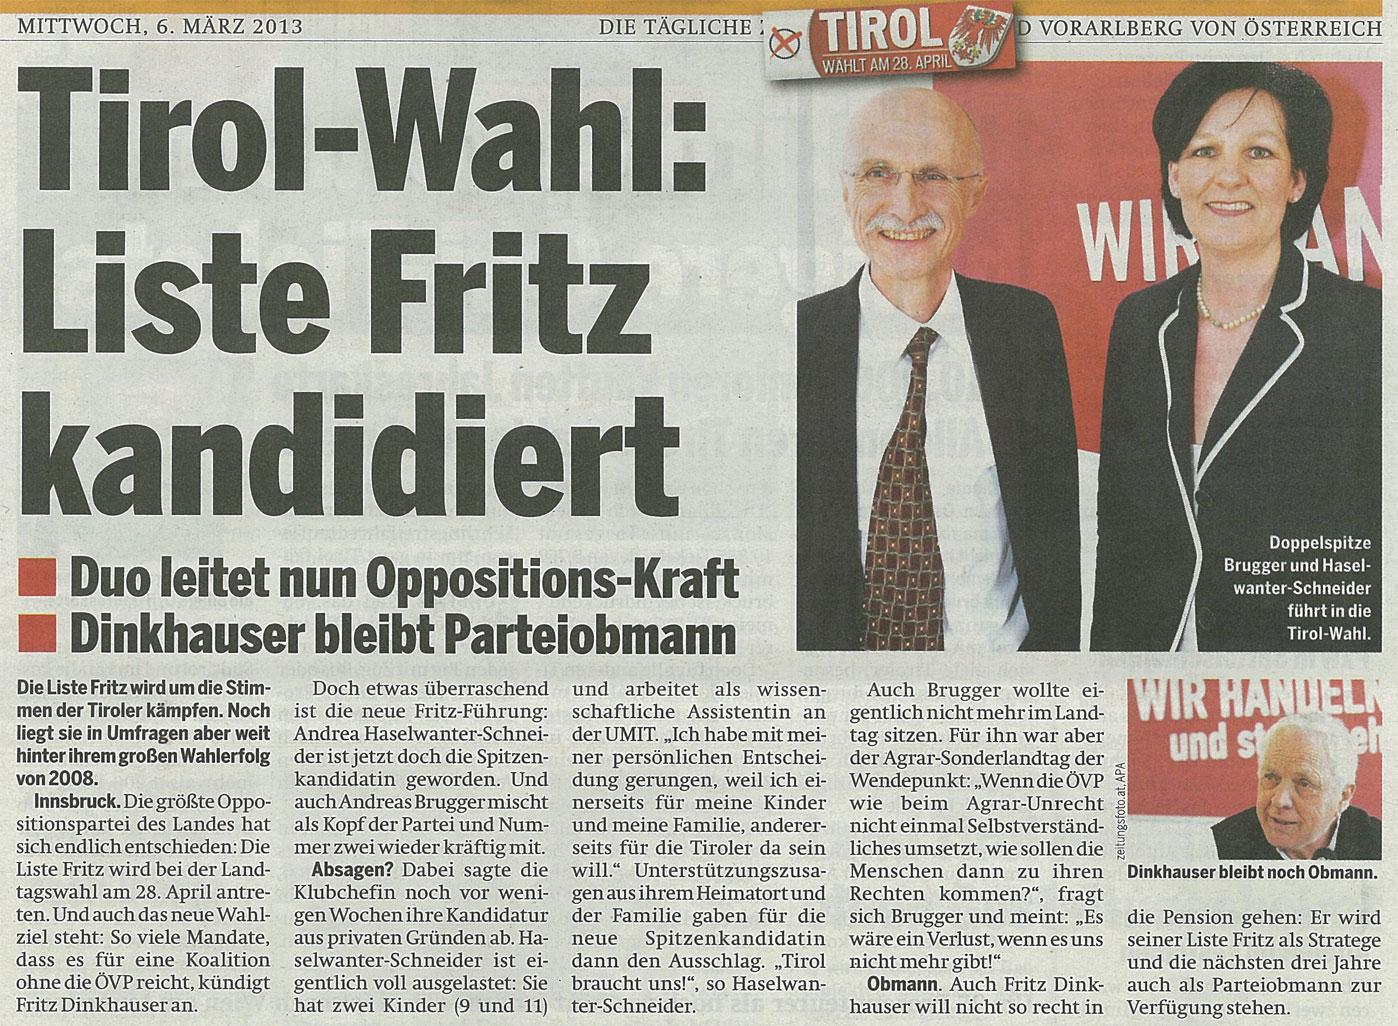 Bericht in Österreich zum Antreten der Liste Fritz bei den Landtagswahlen